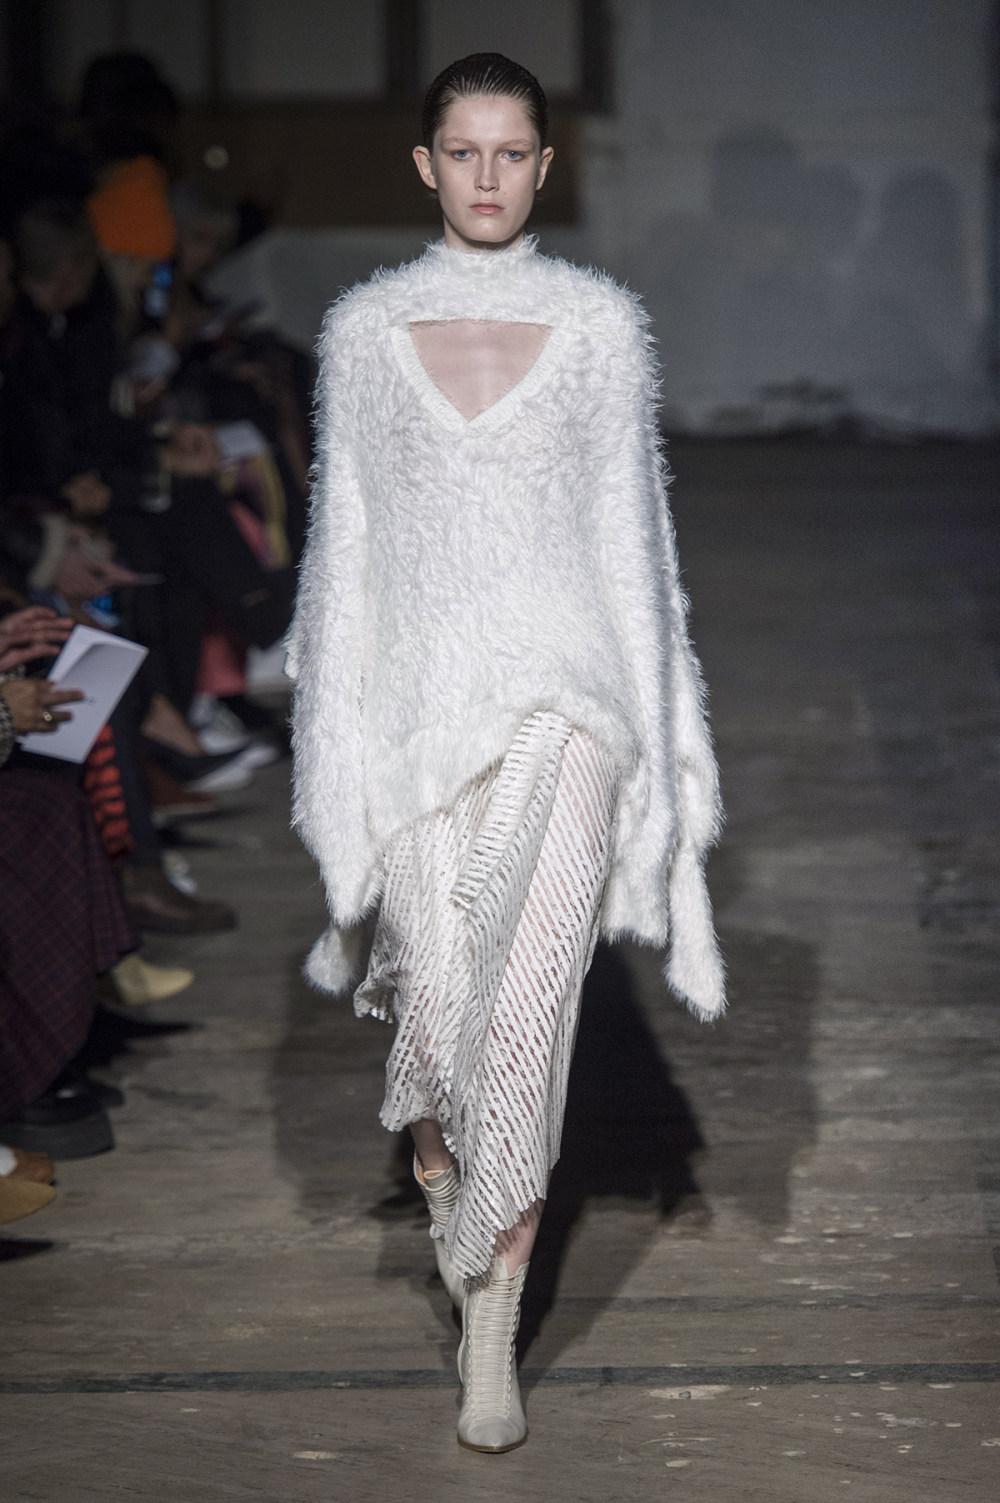 Dion Lee没有紧身衣的连衣裙被聚集或扭曲保持调色板的简约和奢华-38.jpg